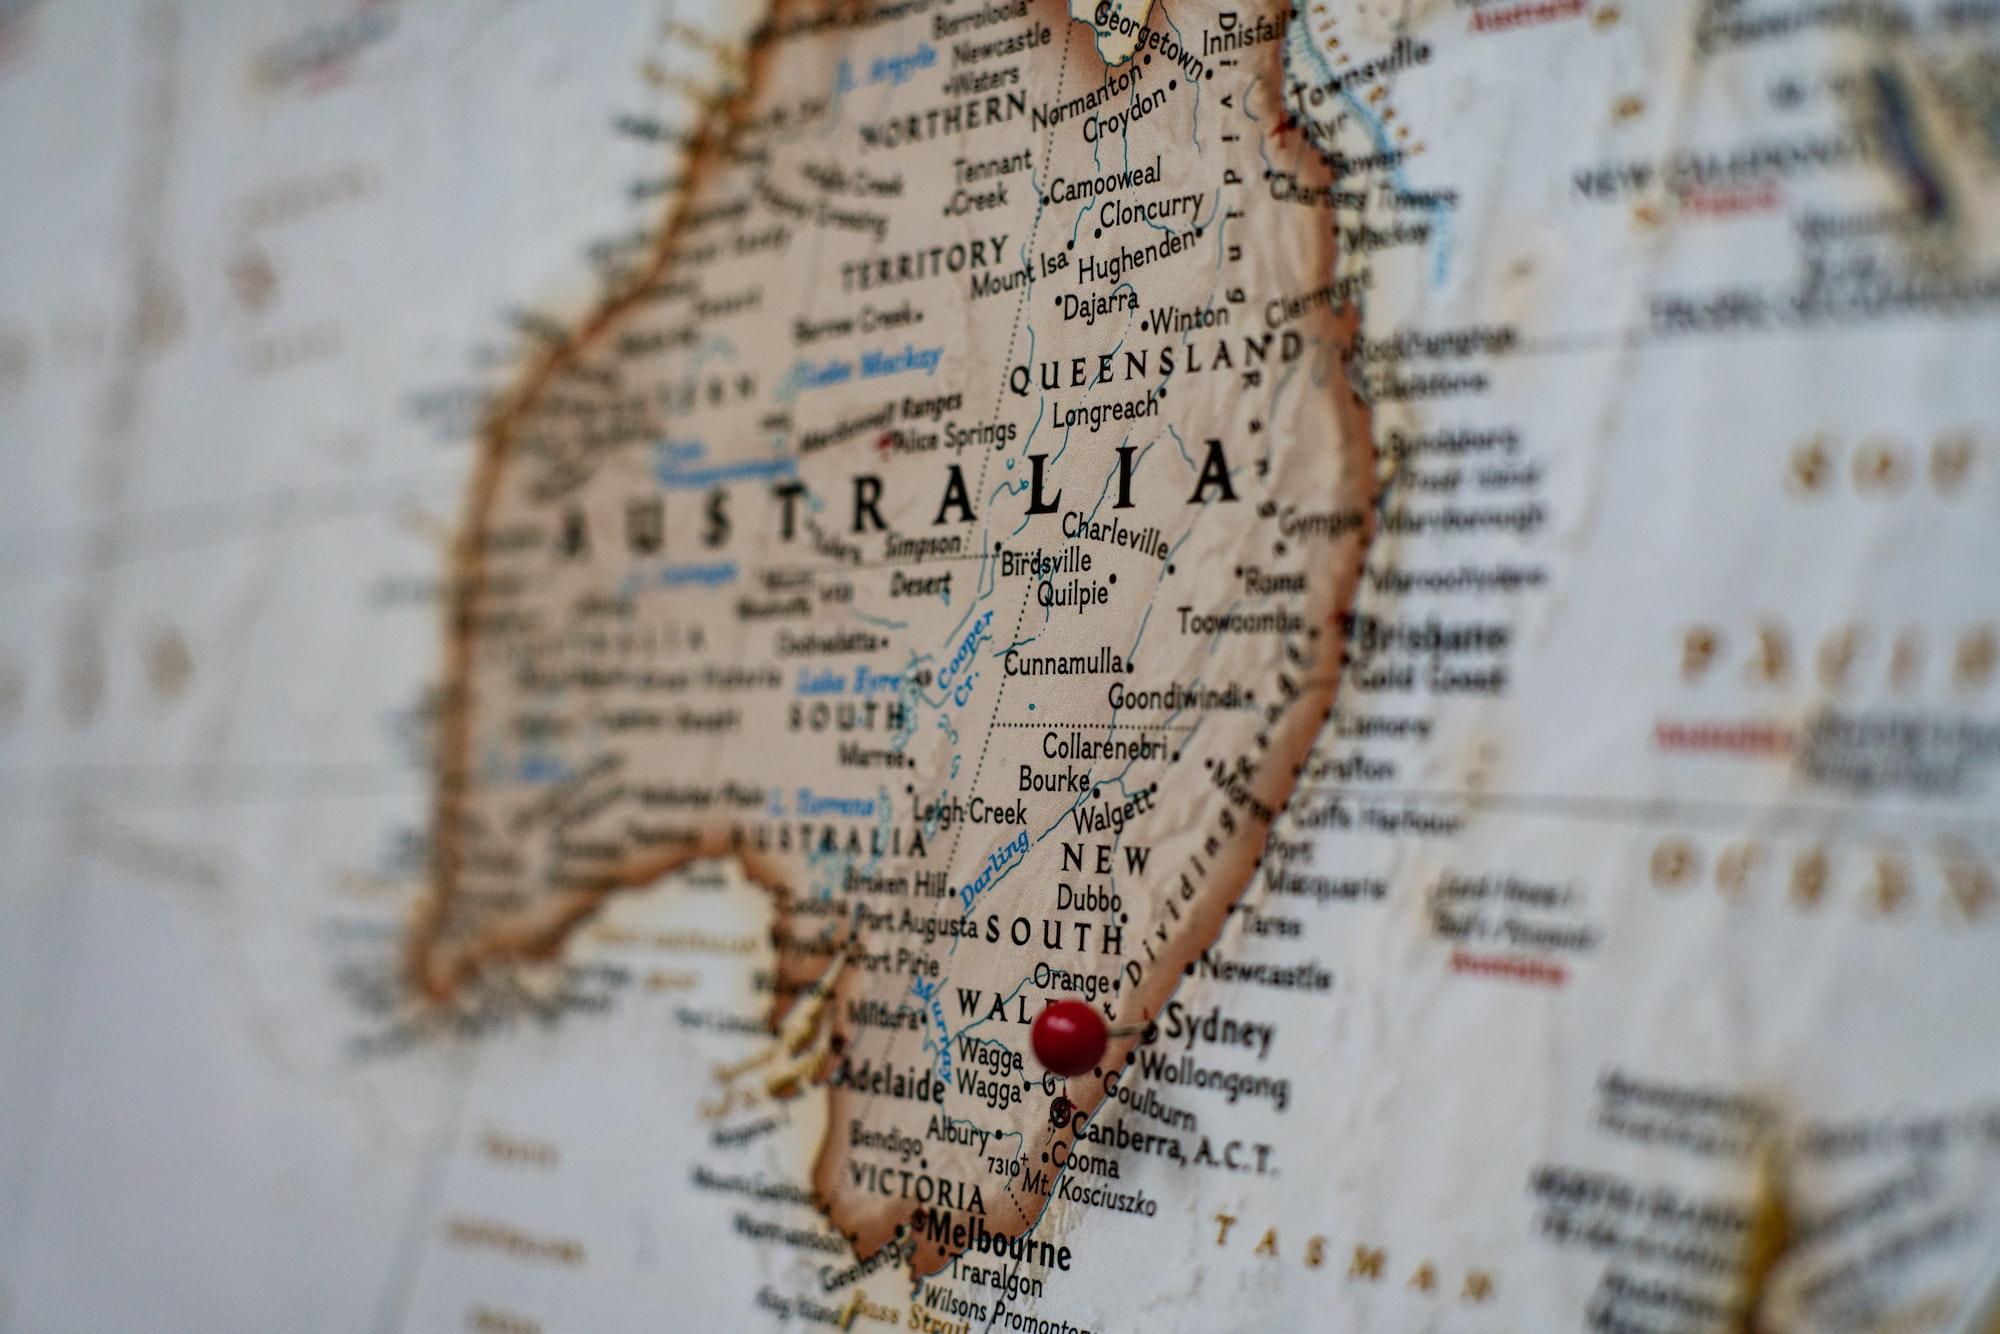 ऑस्ट्रेलिया की भारतीयों पर चल रही मेहरबानी, खूब मिल रहा है परमानेंट वीज़ा